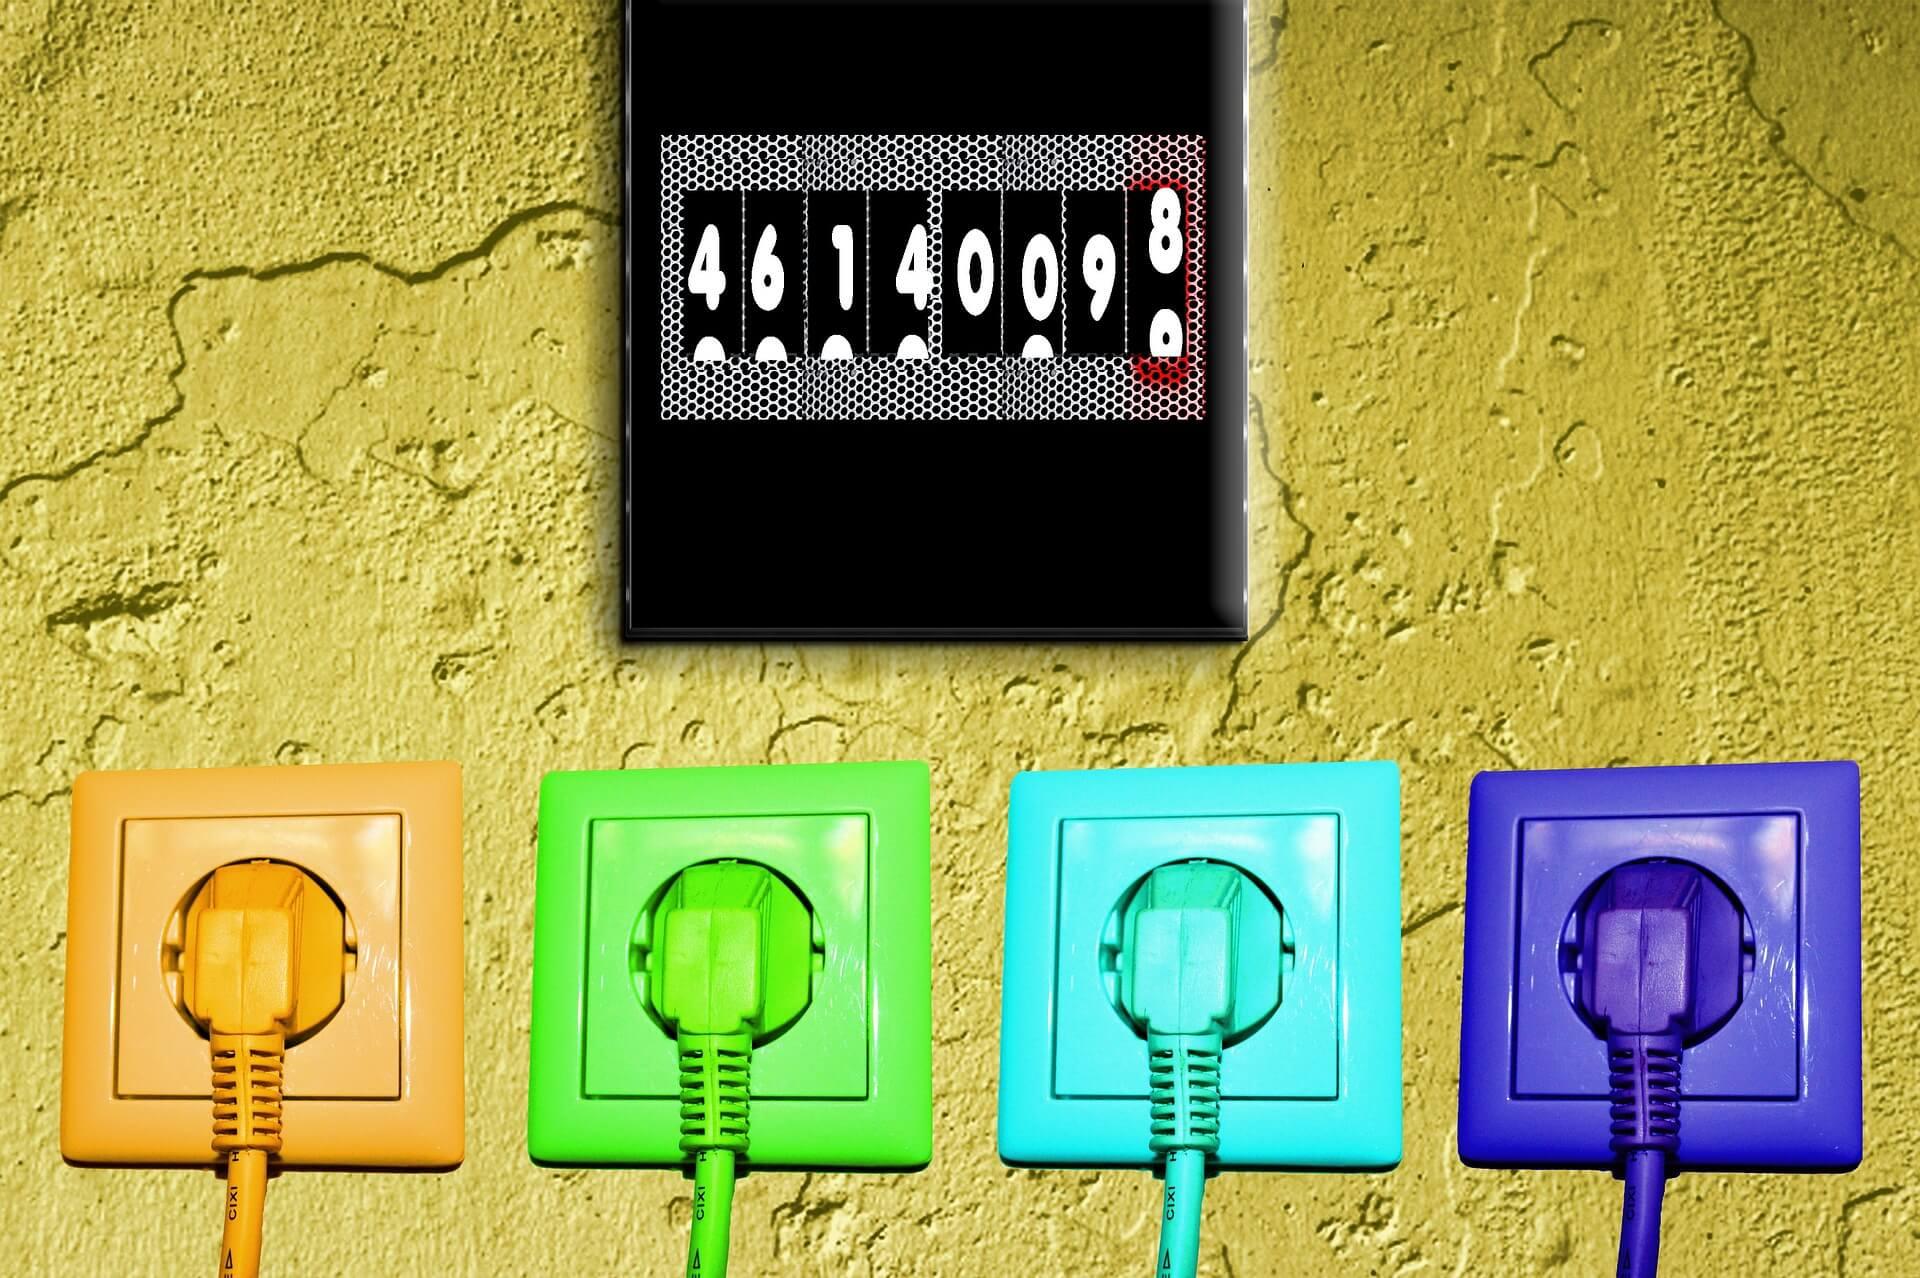 Strom mit Prämie - Strom sparen mit der richtigen Effizienzklasse